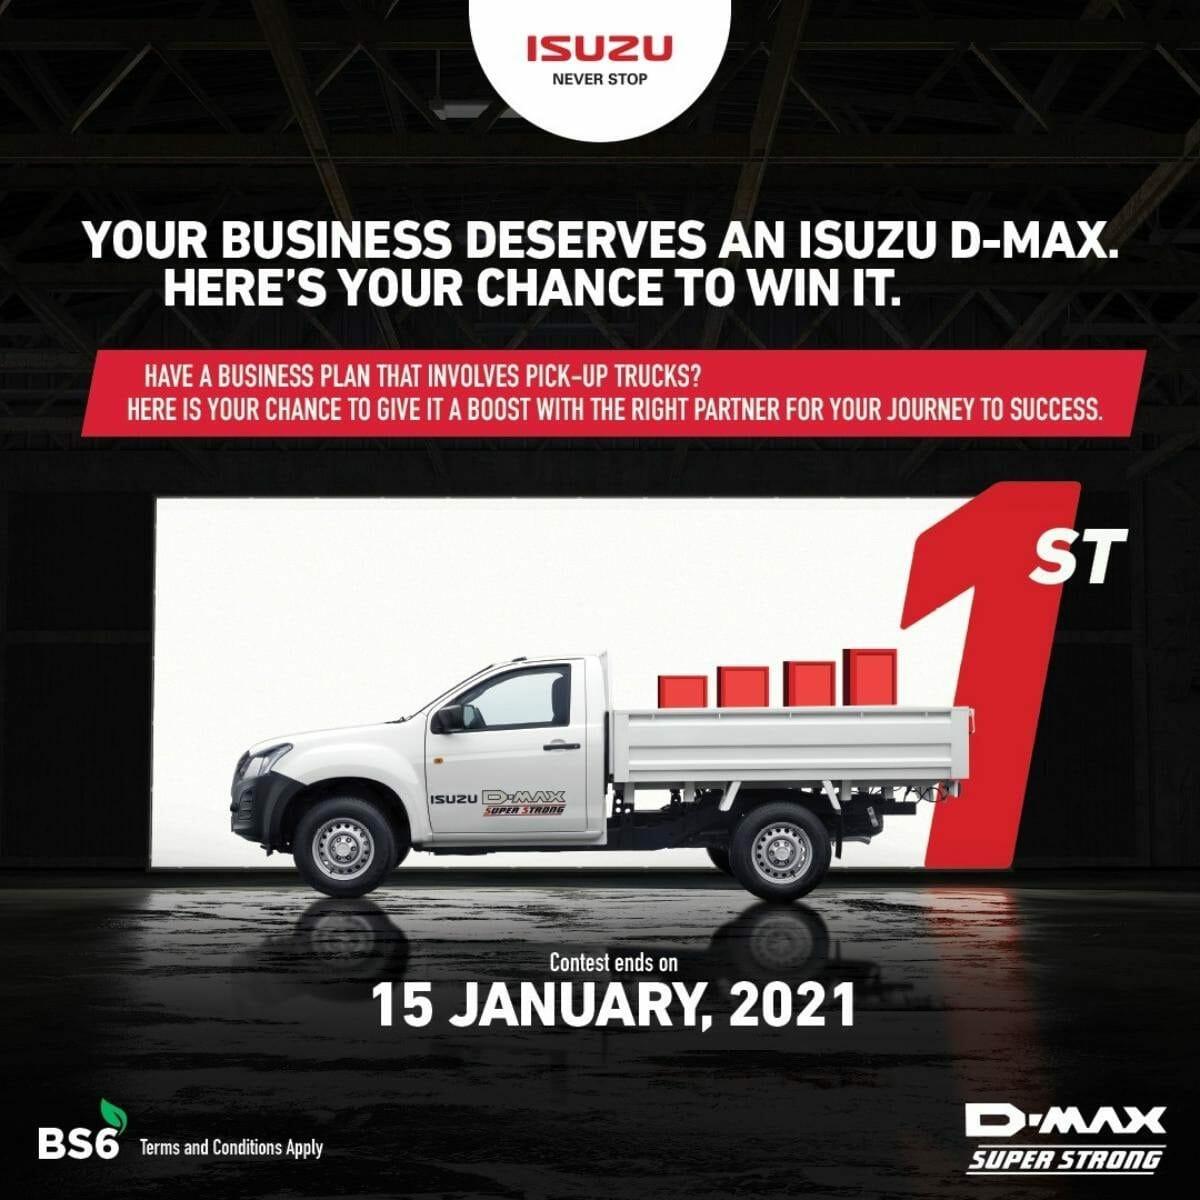 Isuzu d max contest